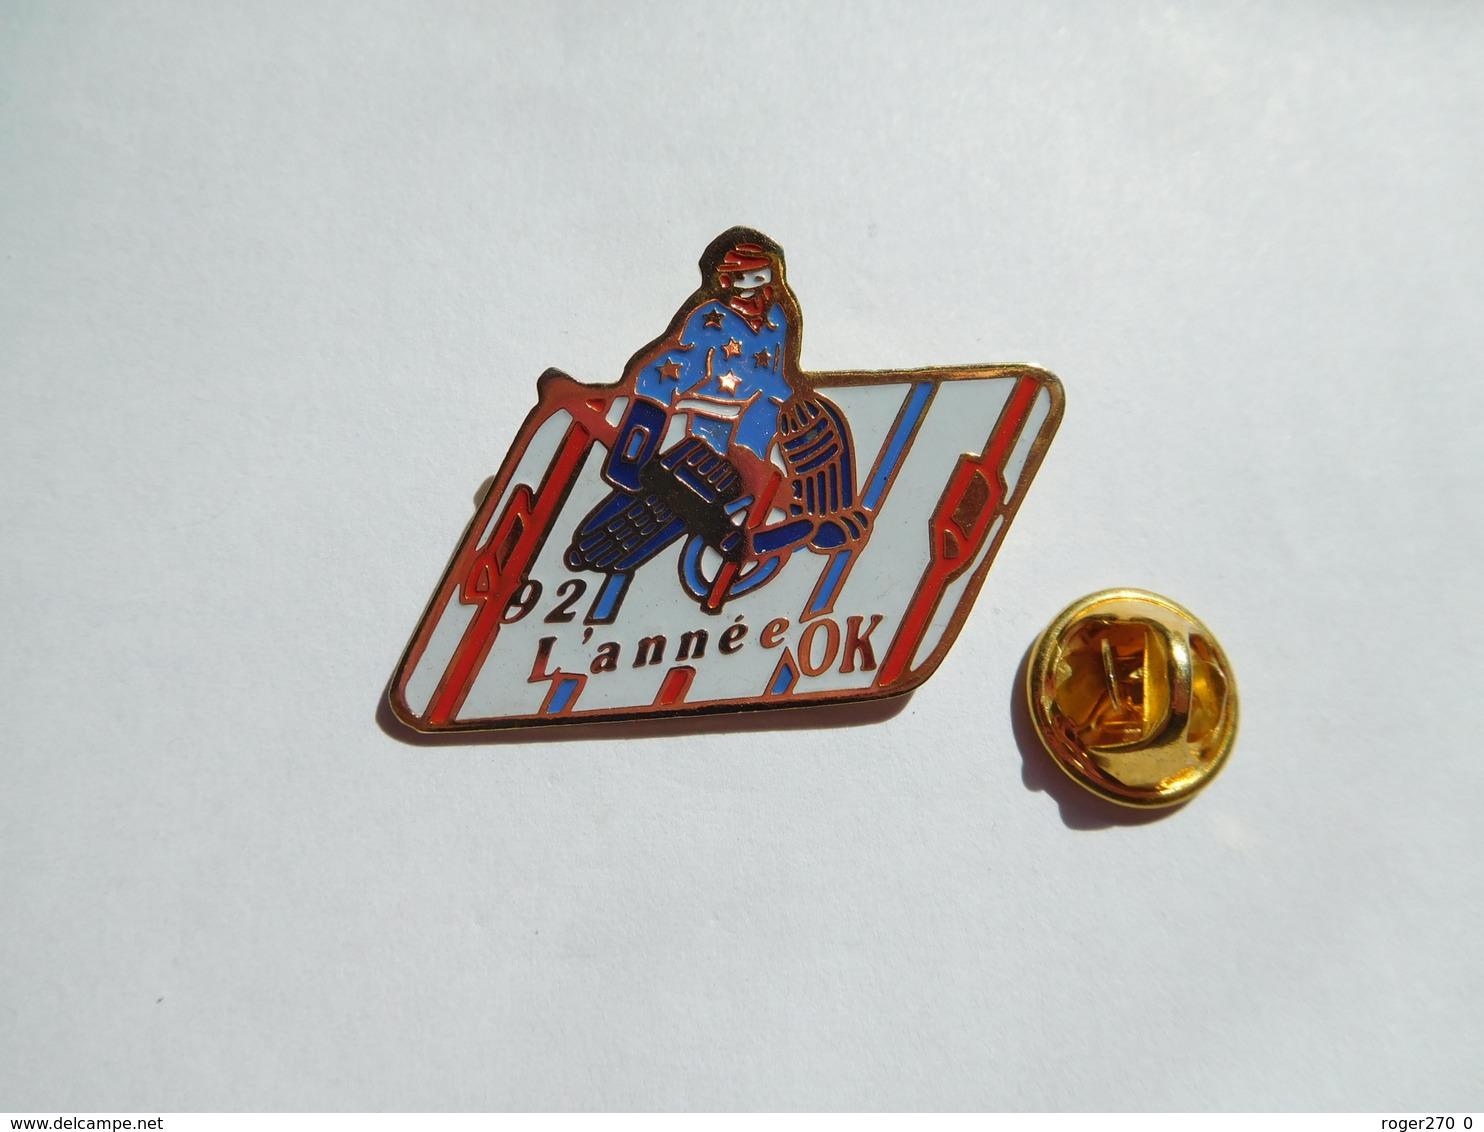 Beau Pin's , Hockey Sur Glace , 1992 L'année OK - Pin